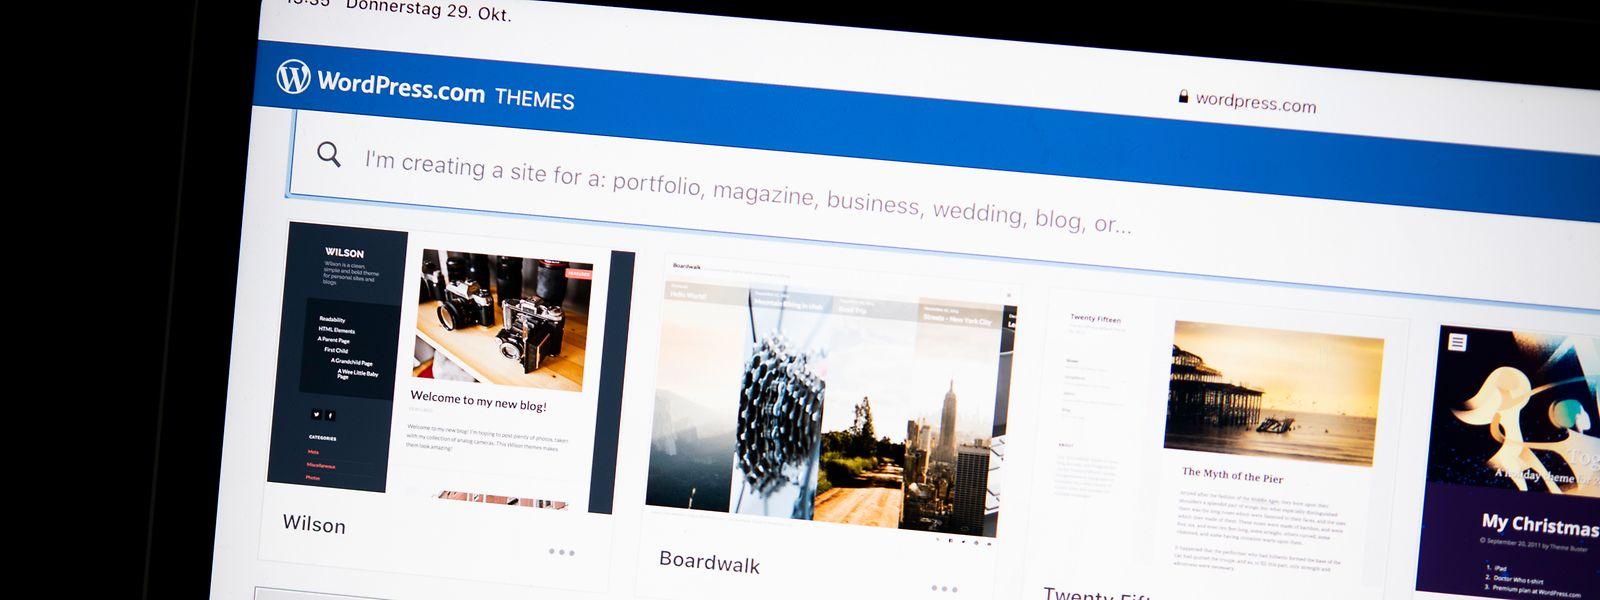 Für Wordpress gibt es zahllose kostenlose Themes.